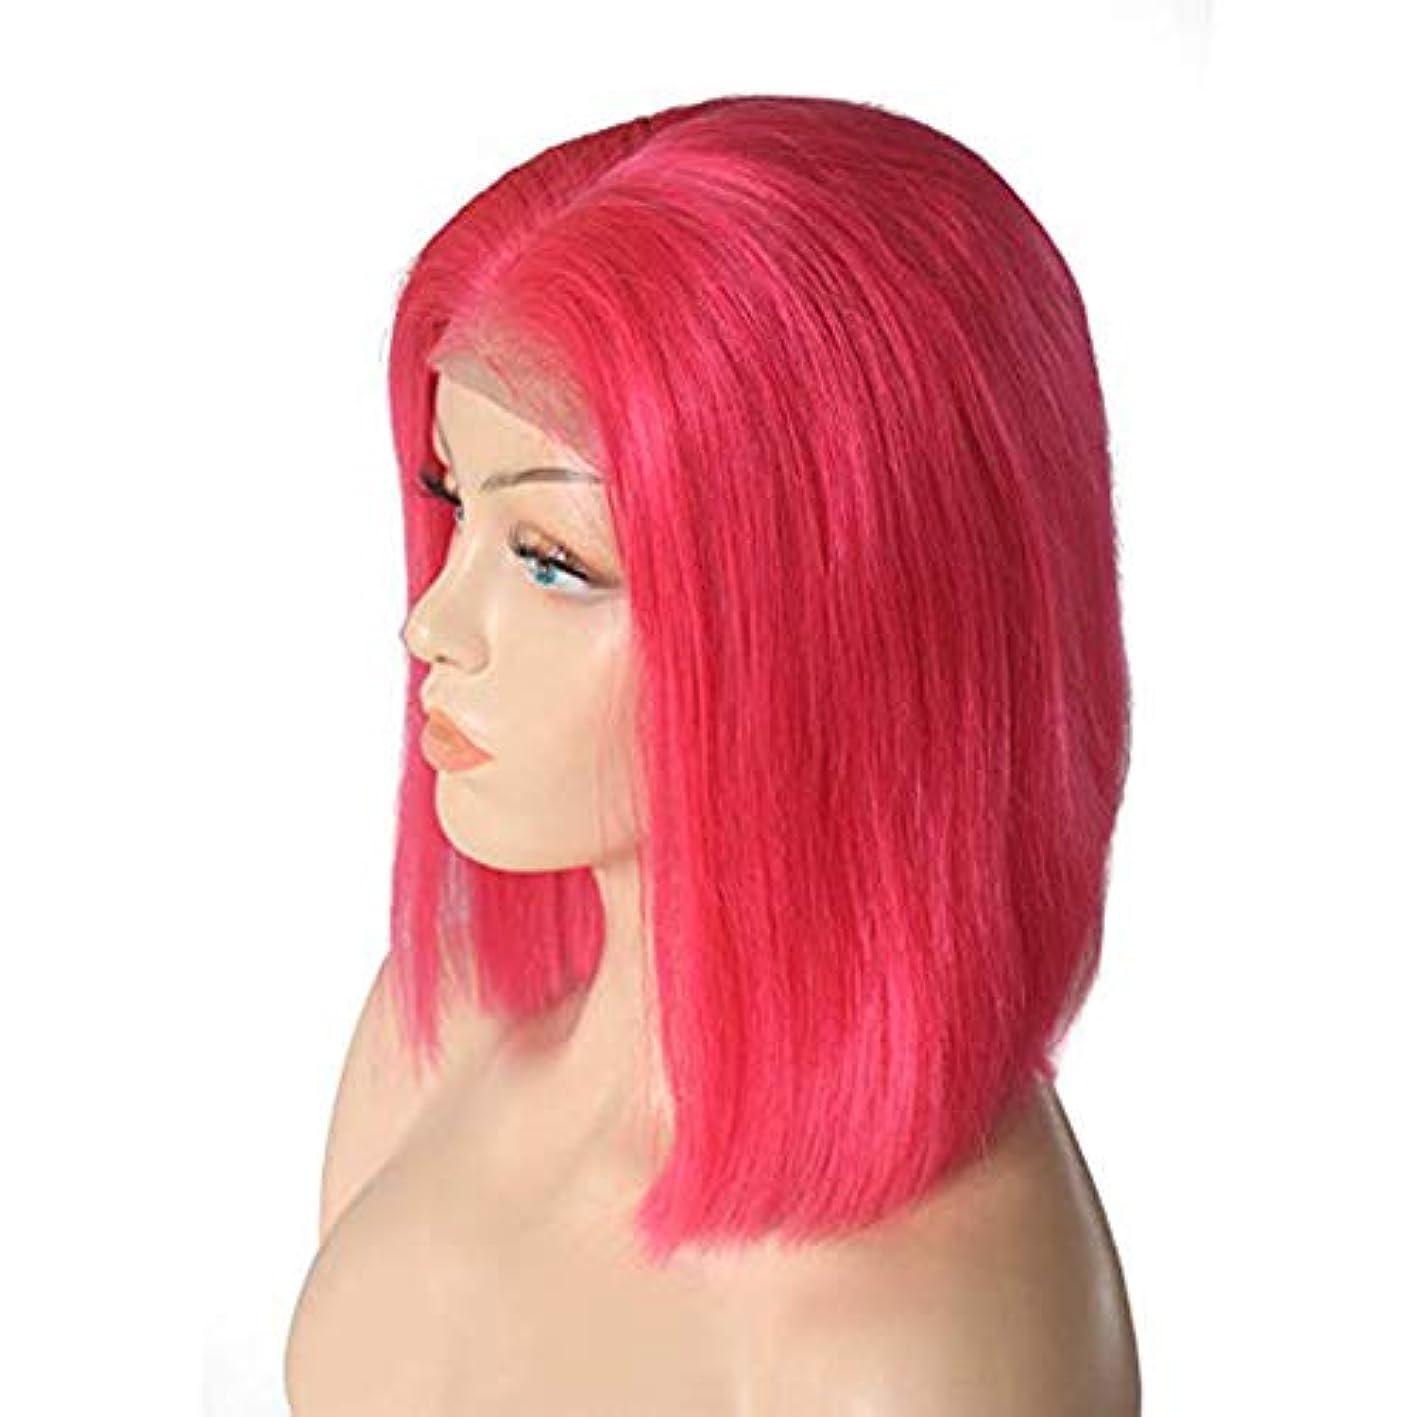 大理石性格リムslQinjiansav女性ウィッグ修理ツール女性ピーチ赤肩長ストレートセントラルパーティングウィッグボボヘアピース